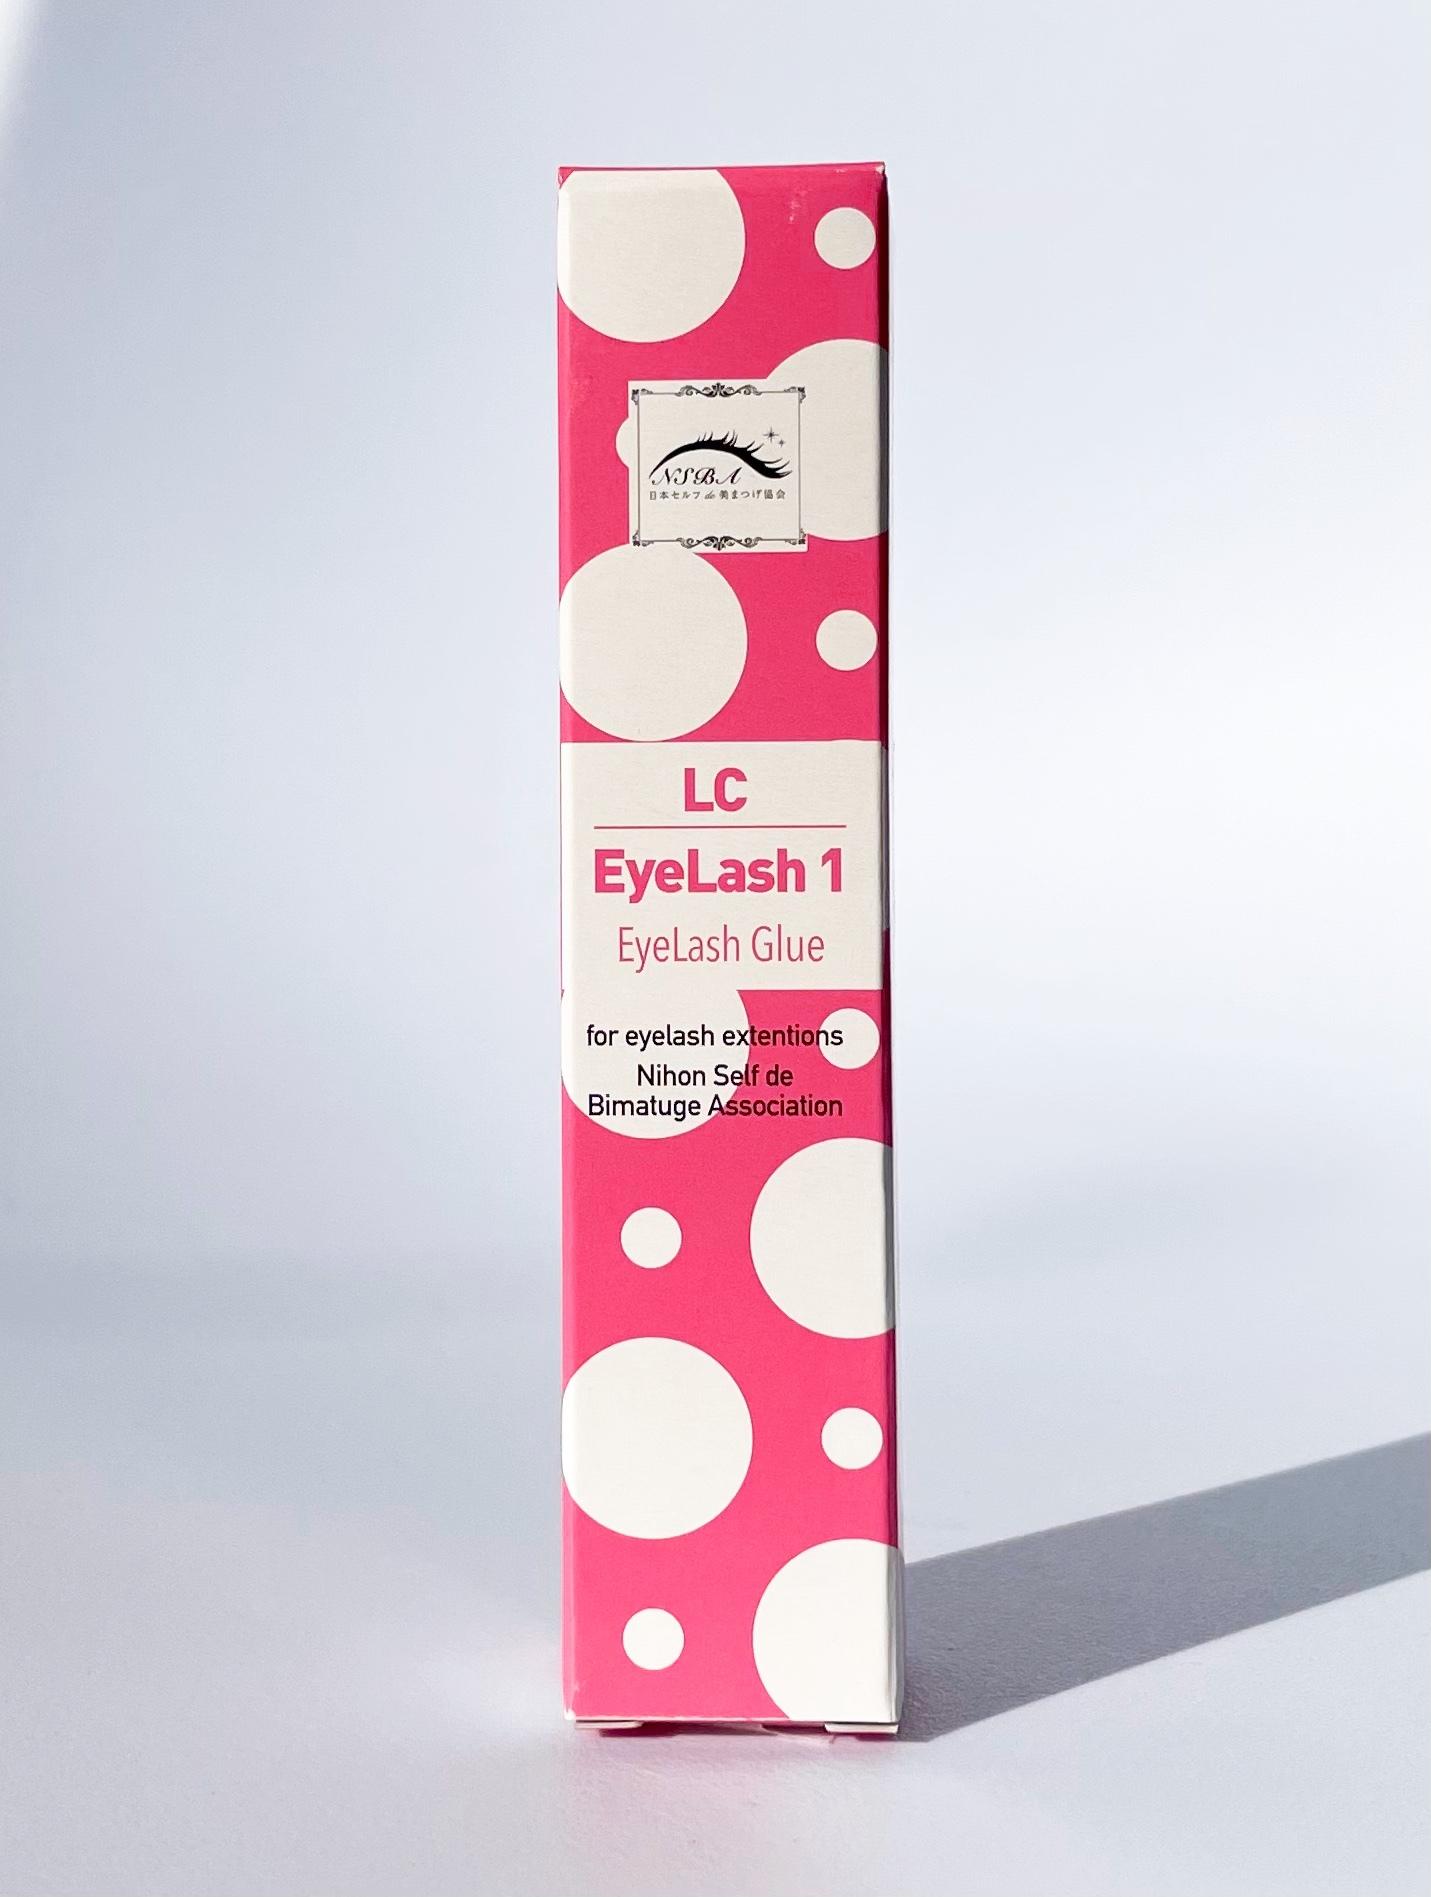 洗い流せるグルー『LC EyeLash 1』